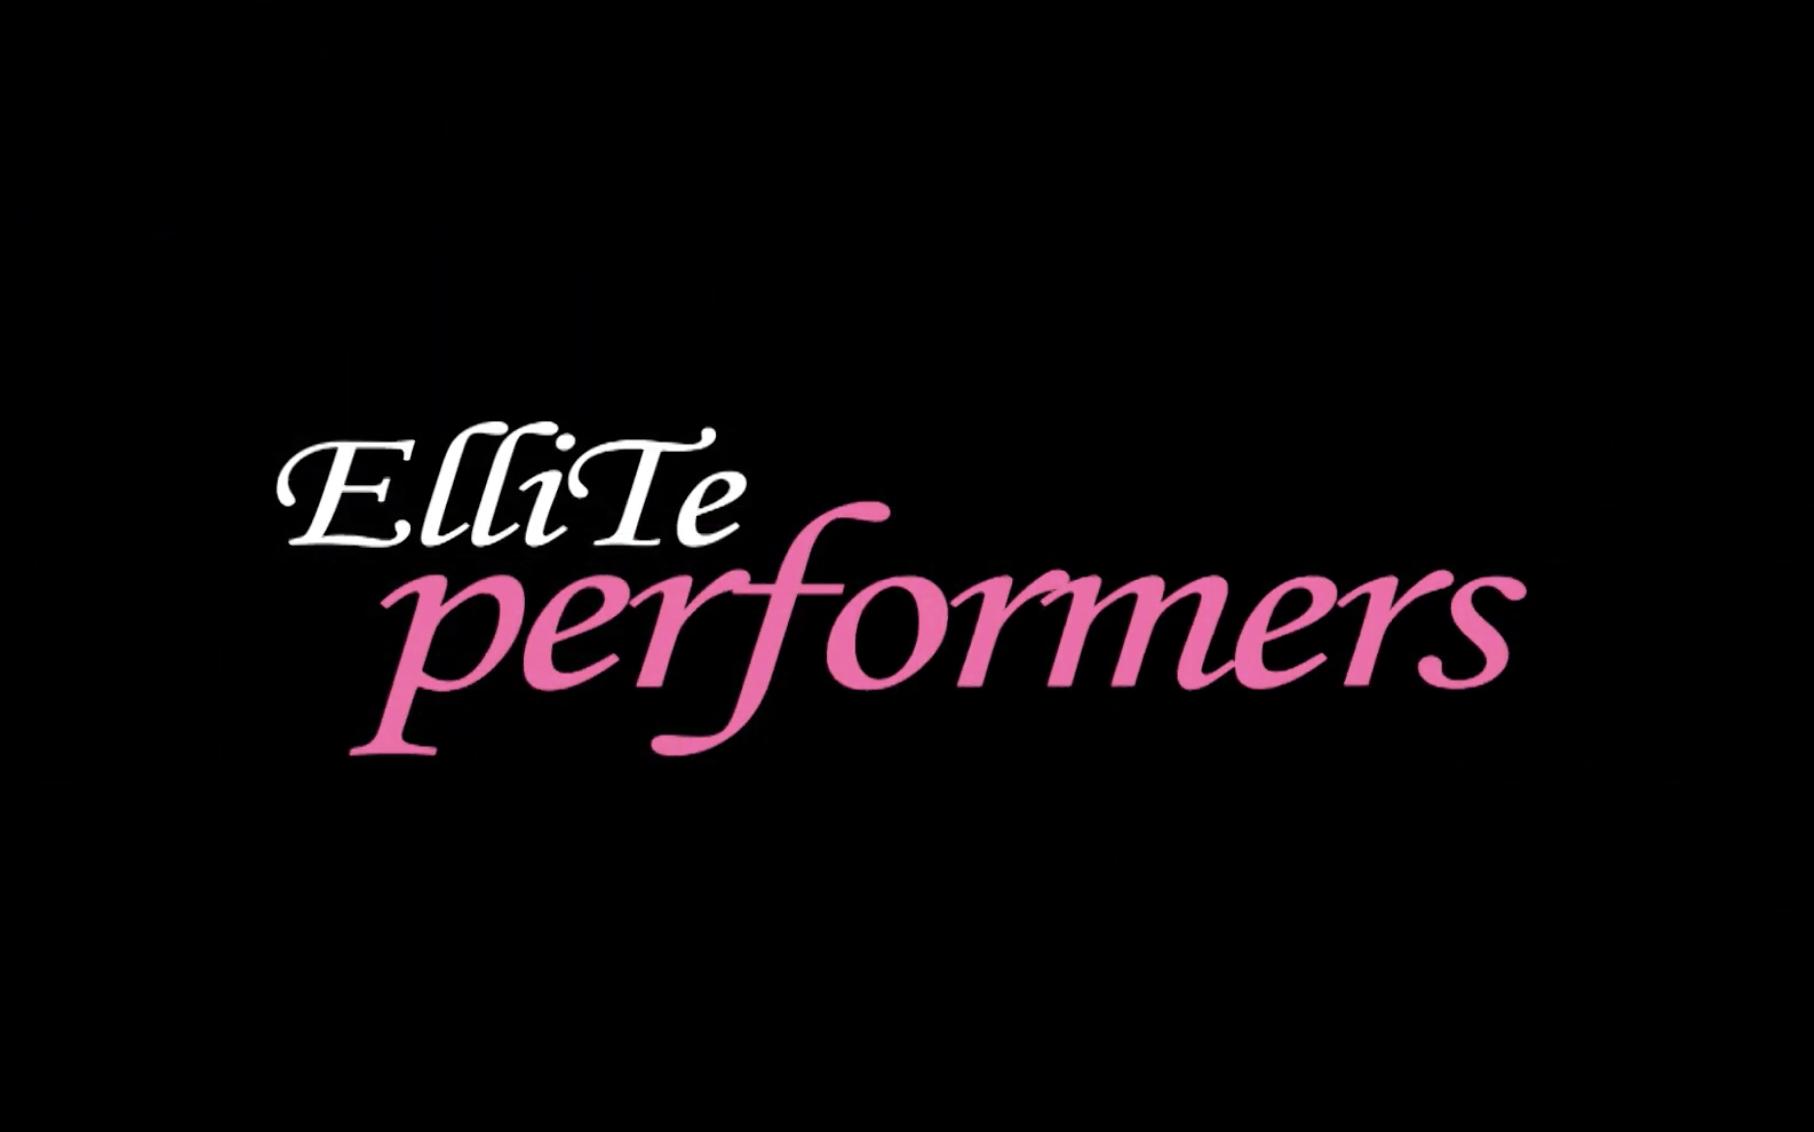 ellite performers